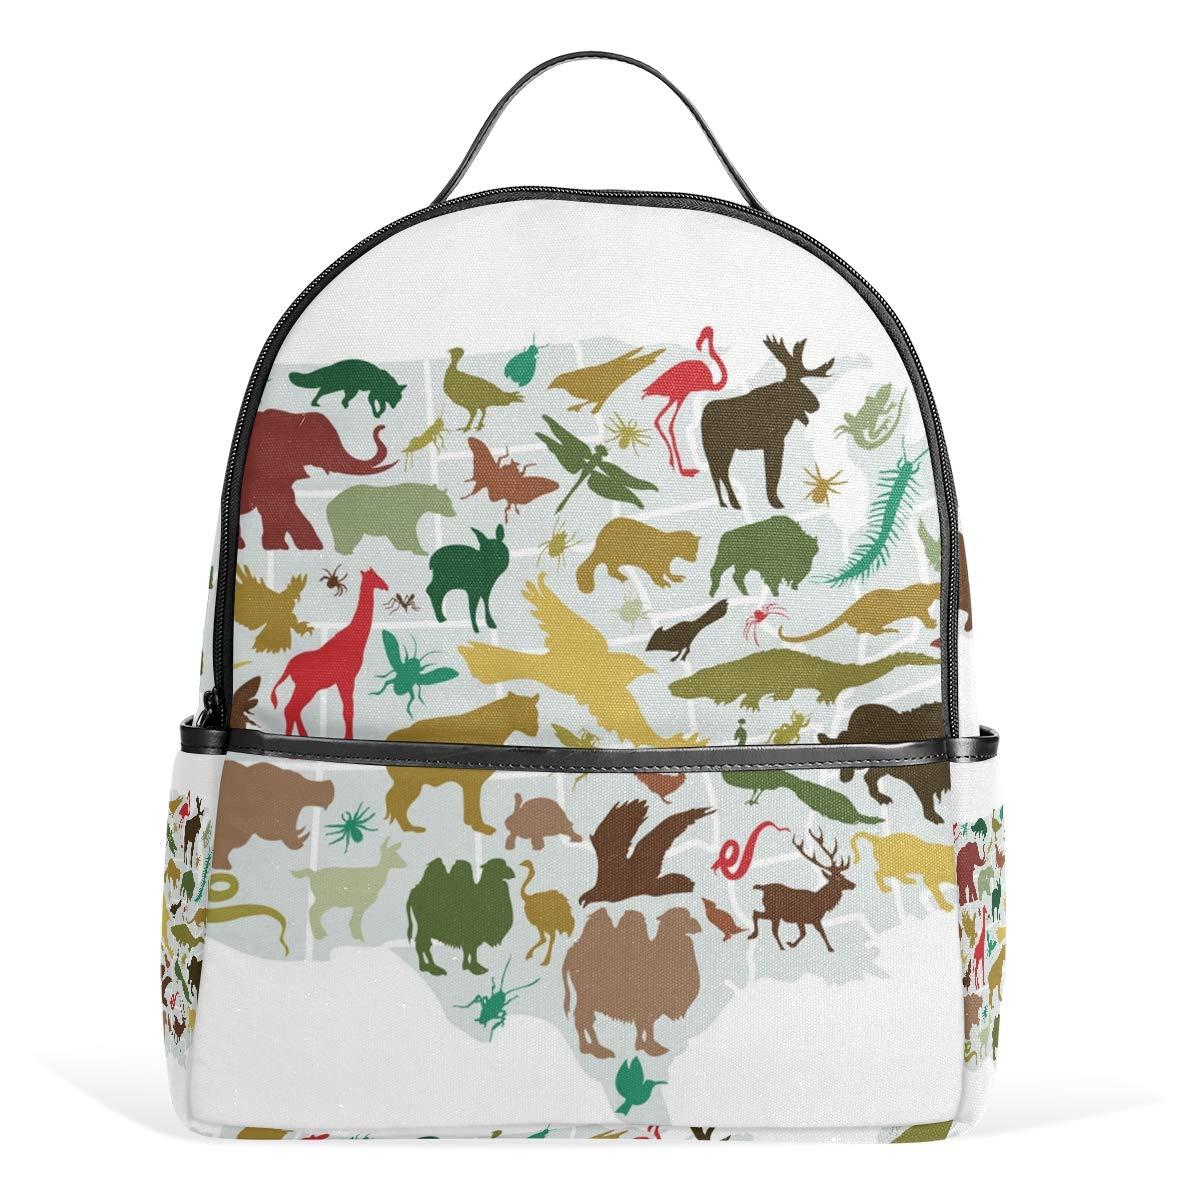 スクールバックパック 動物地図 旅行バッグ ティーンエイジャー 男の子 女の子用   B07G9T6Q6T